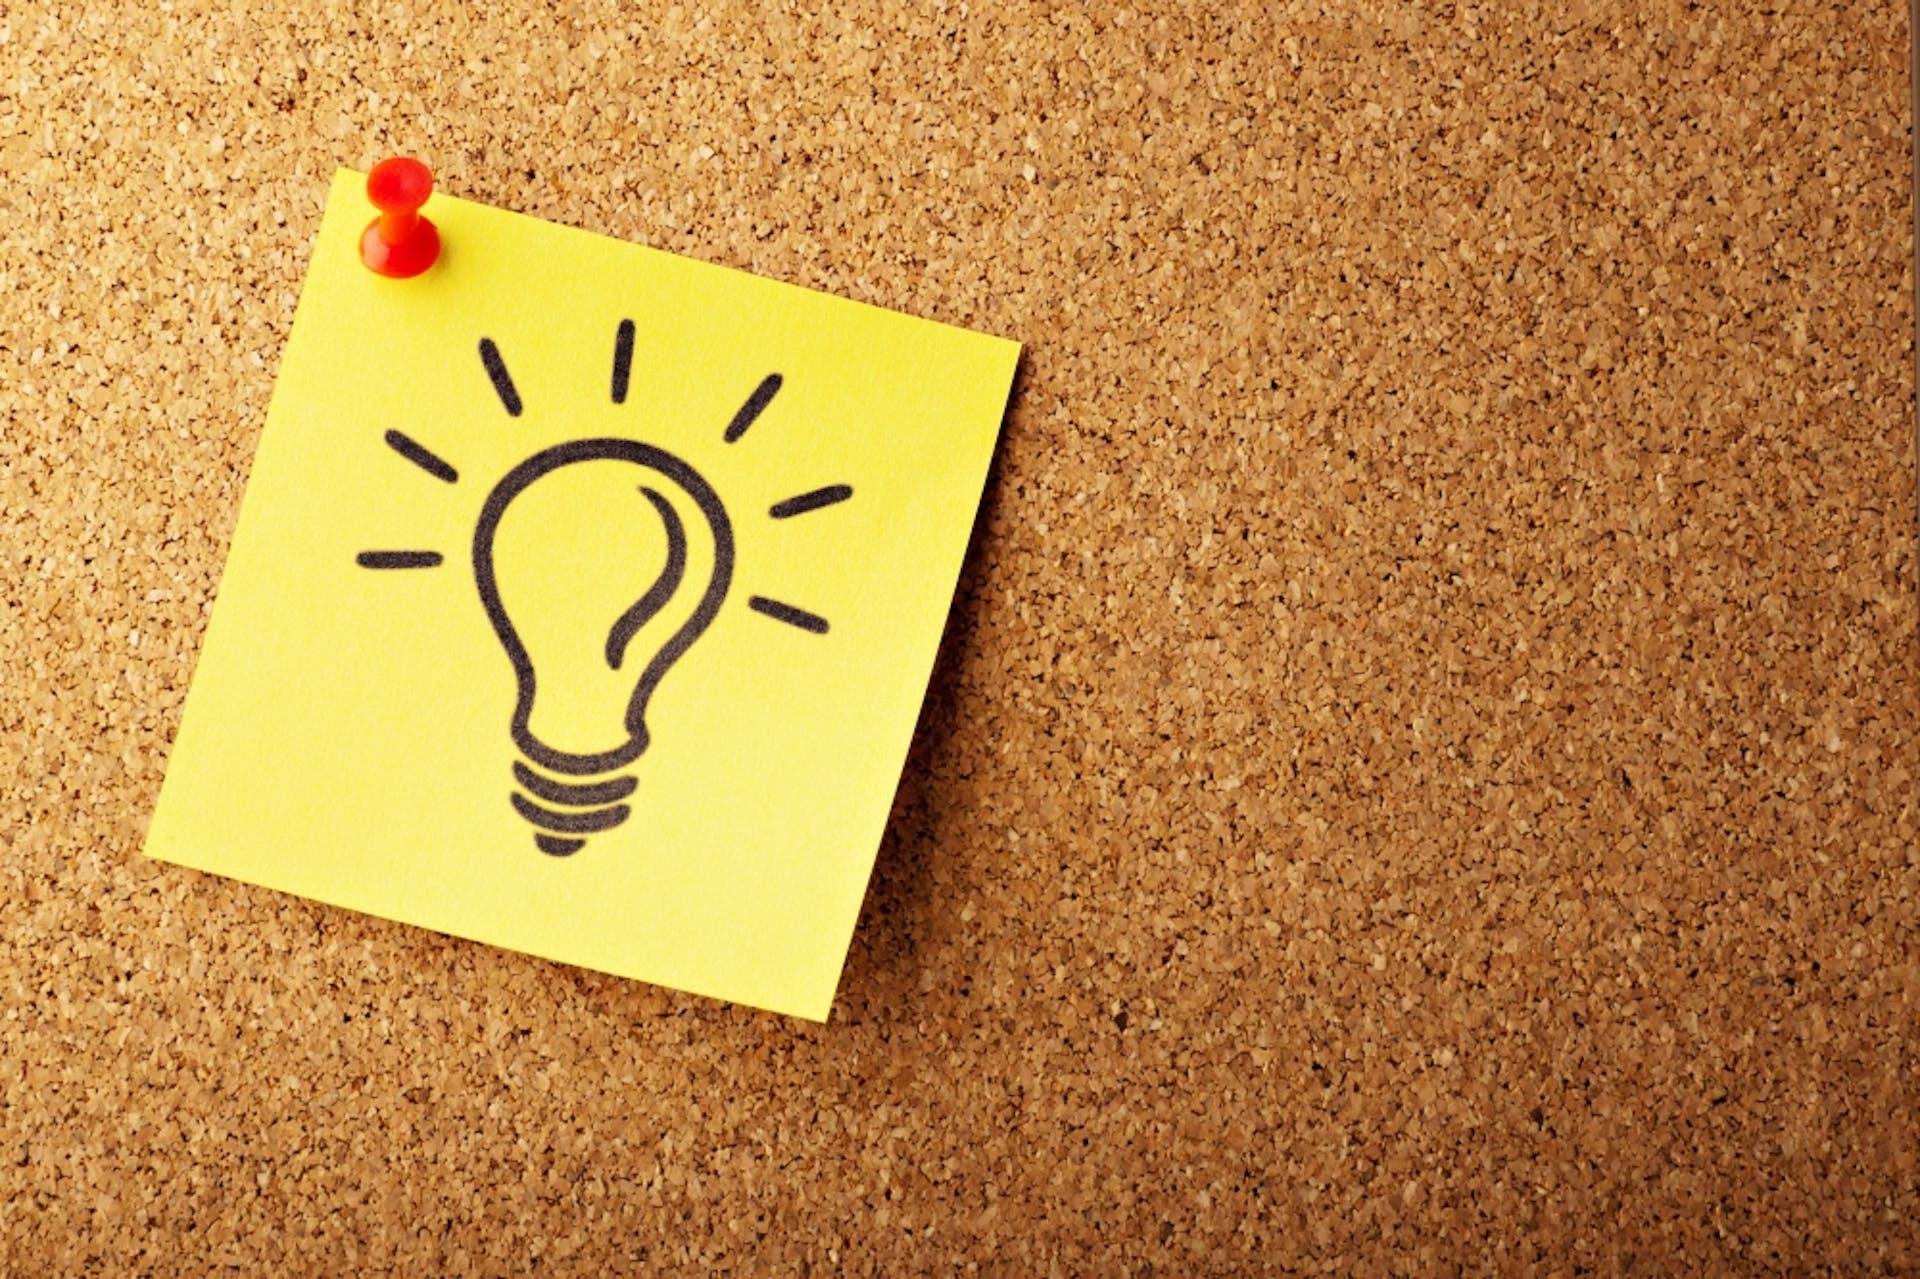 ¿Cómo generar ideas de negocio cuando sea y donde sea?